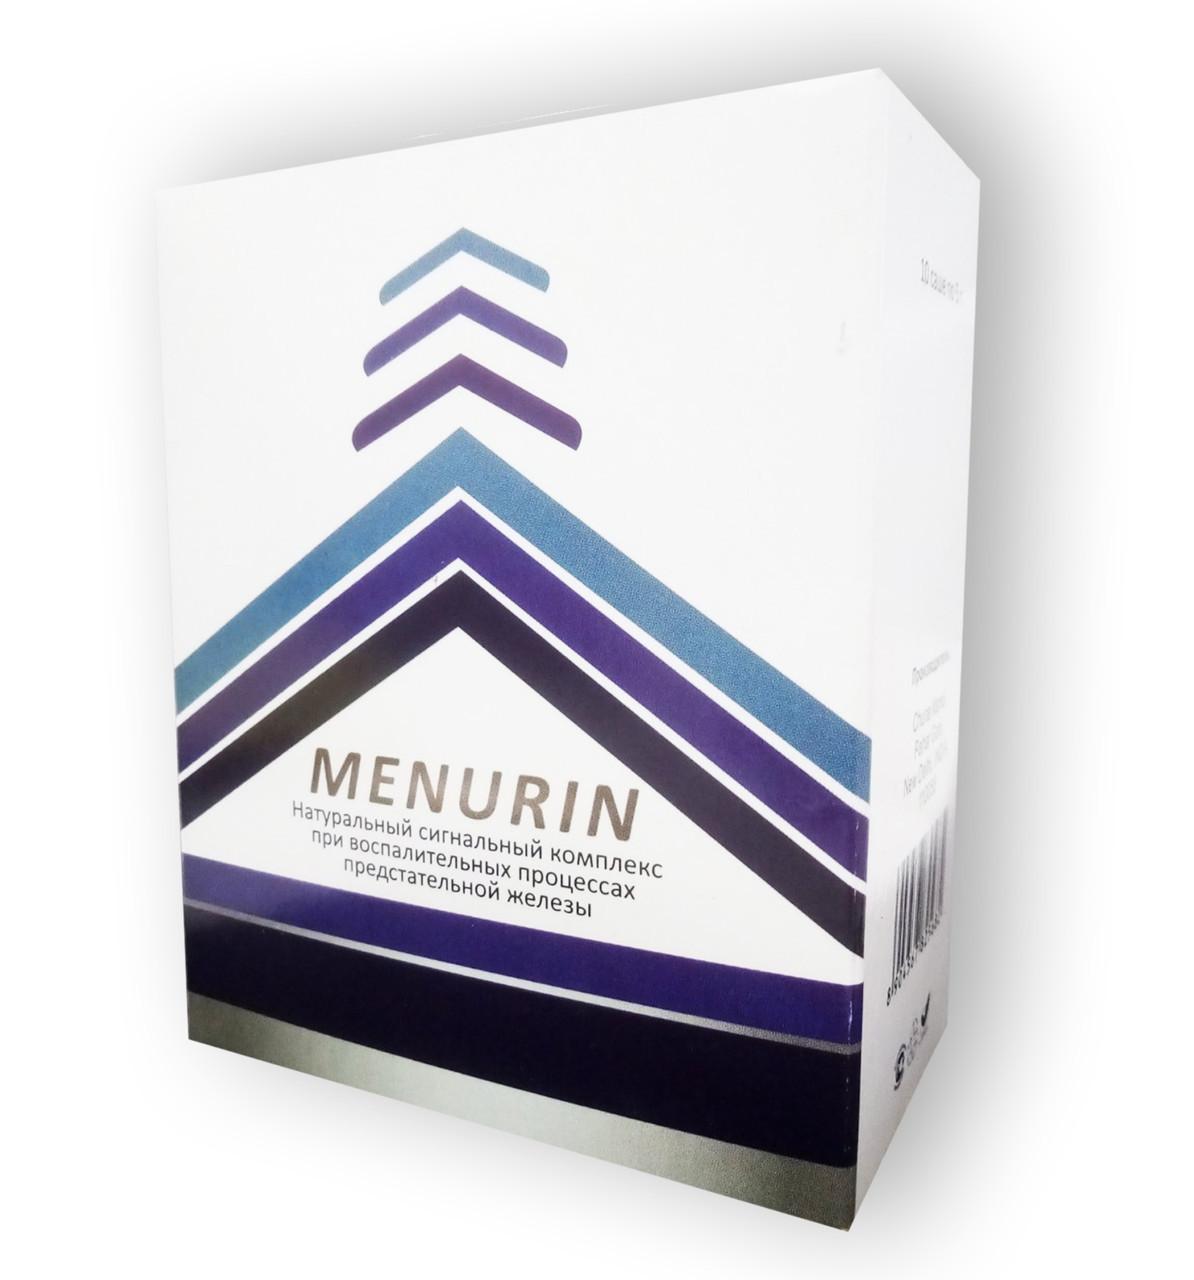 Менурин для потенции Menurin